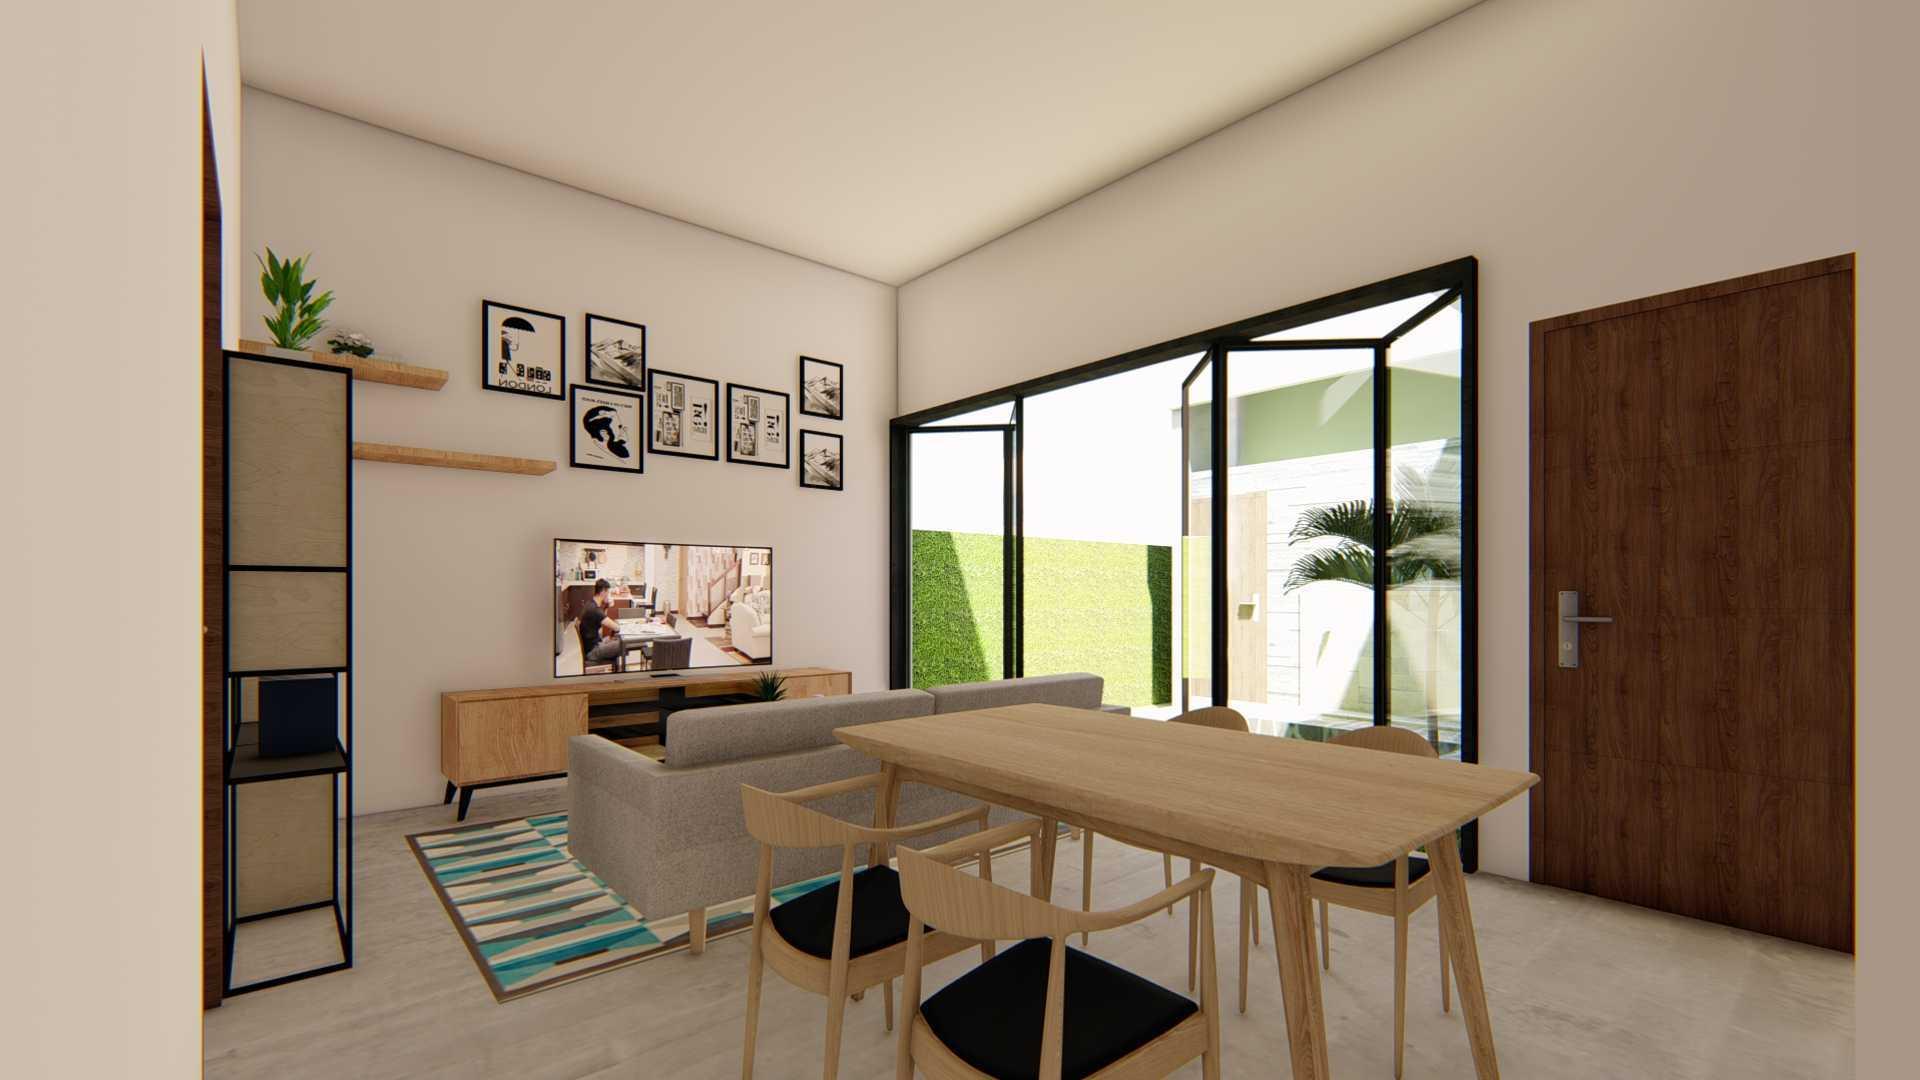 Astabumi Studio Pr House Tegal Tegal, Kota Tegal, Jawa Tengah, Indonesia Yogyakarta Cv-Astabumi-Manunggal-Prakarsa-Jto-Jogja-Trade-Office  119465